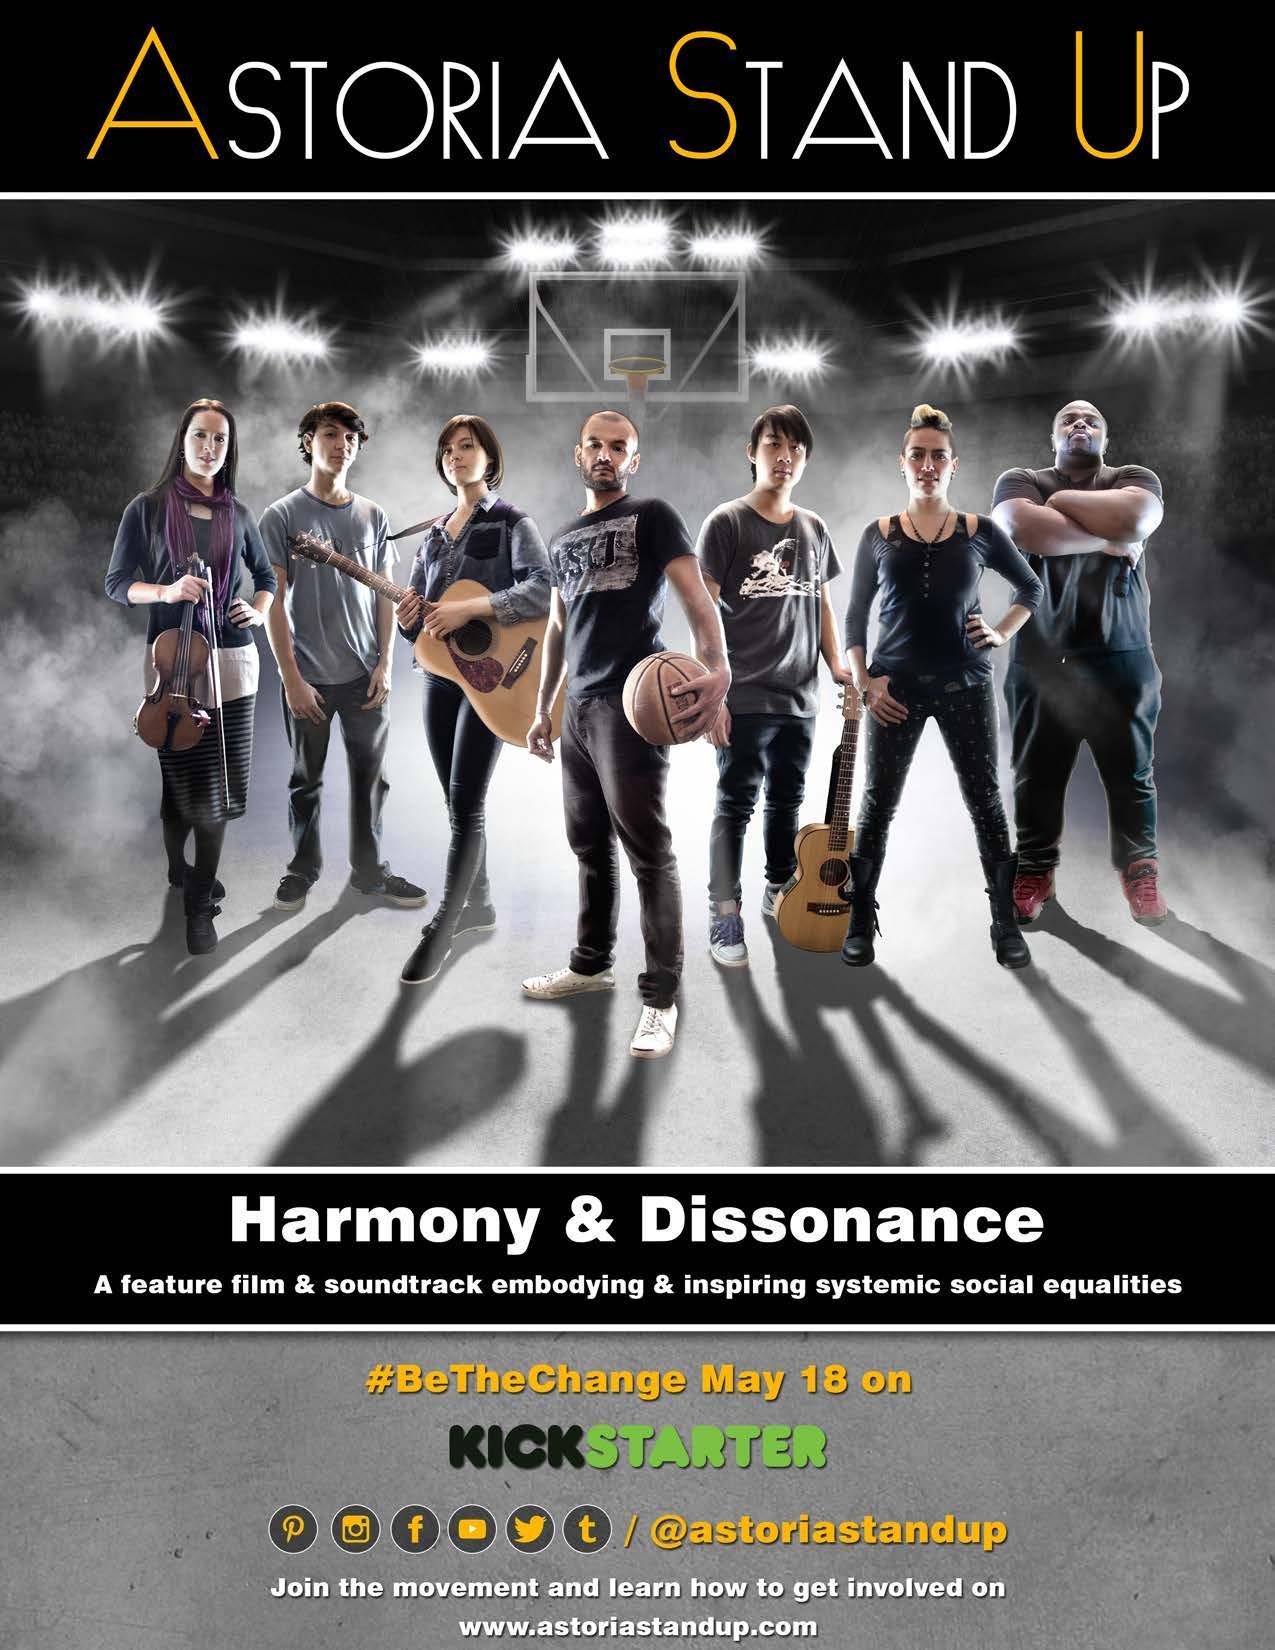 ASU-Harmony-Dissonance-Media-Kit-page-001.jpg